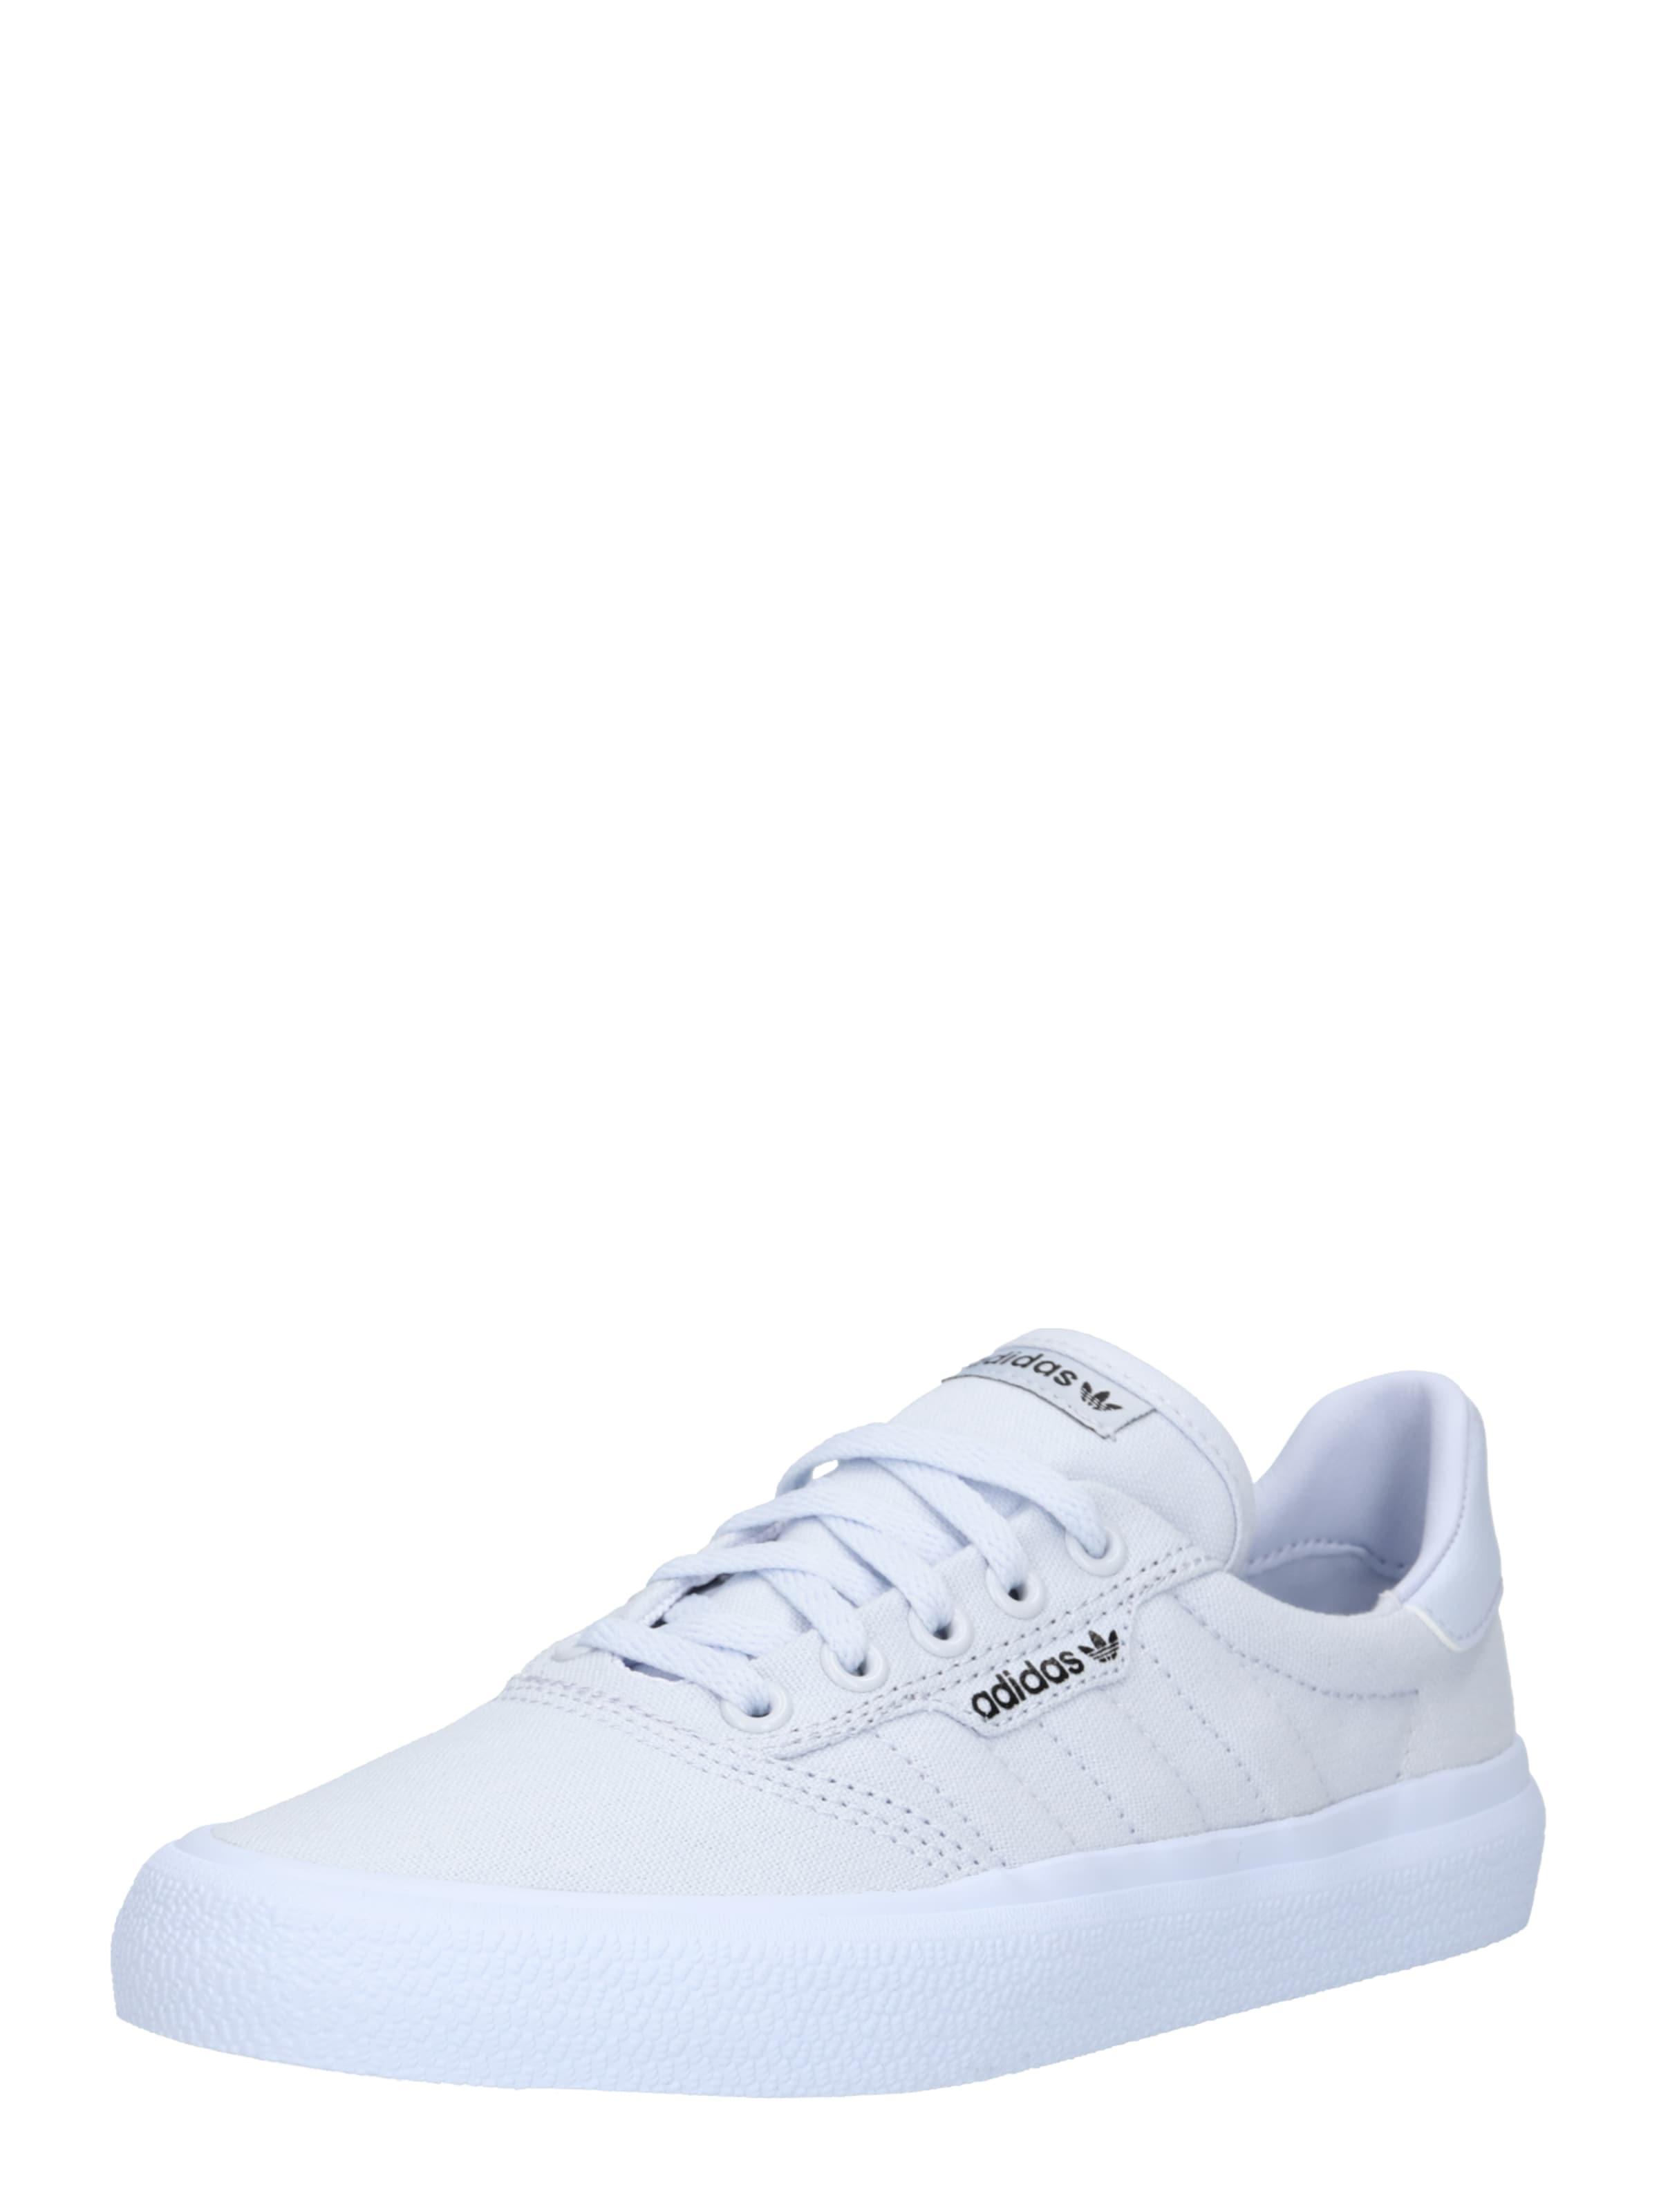 Adidas En Bleu Baskets Clair Basses Originals qzVGSpUM